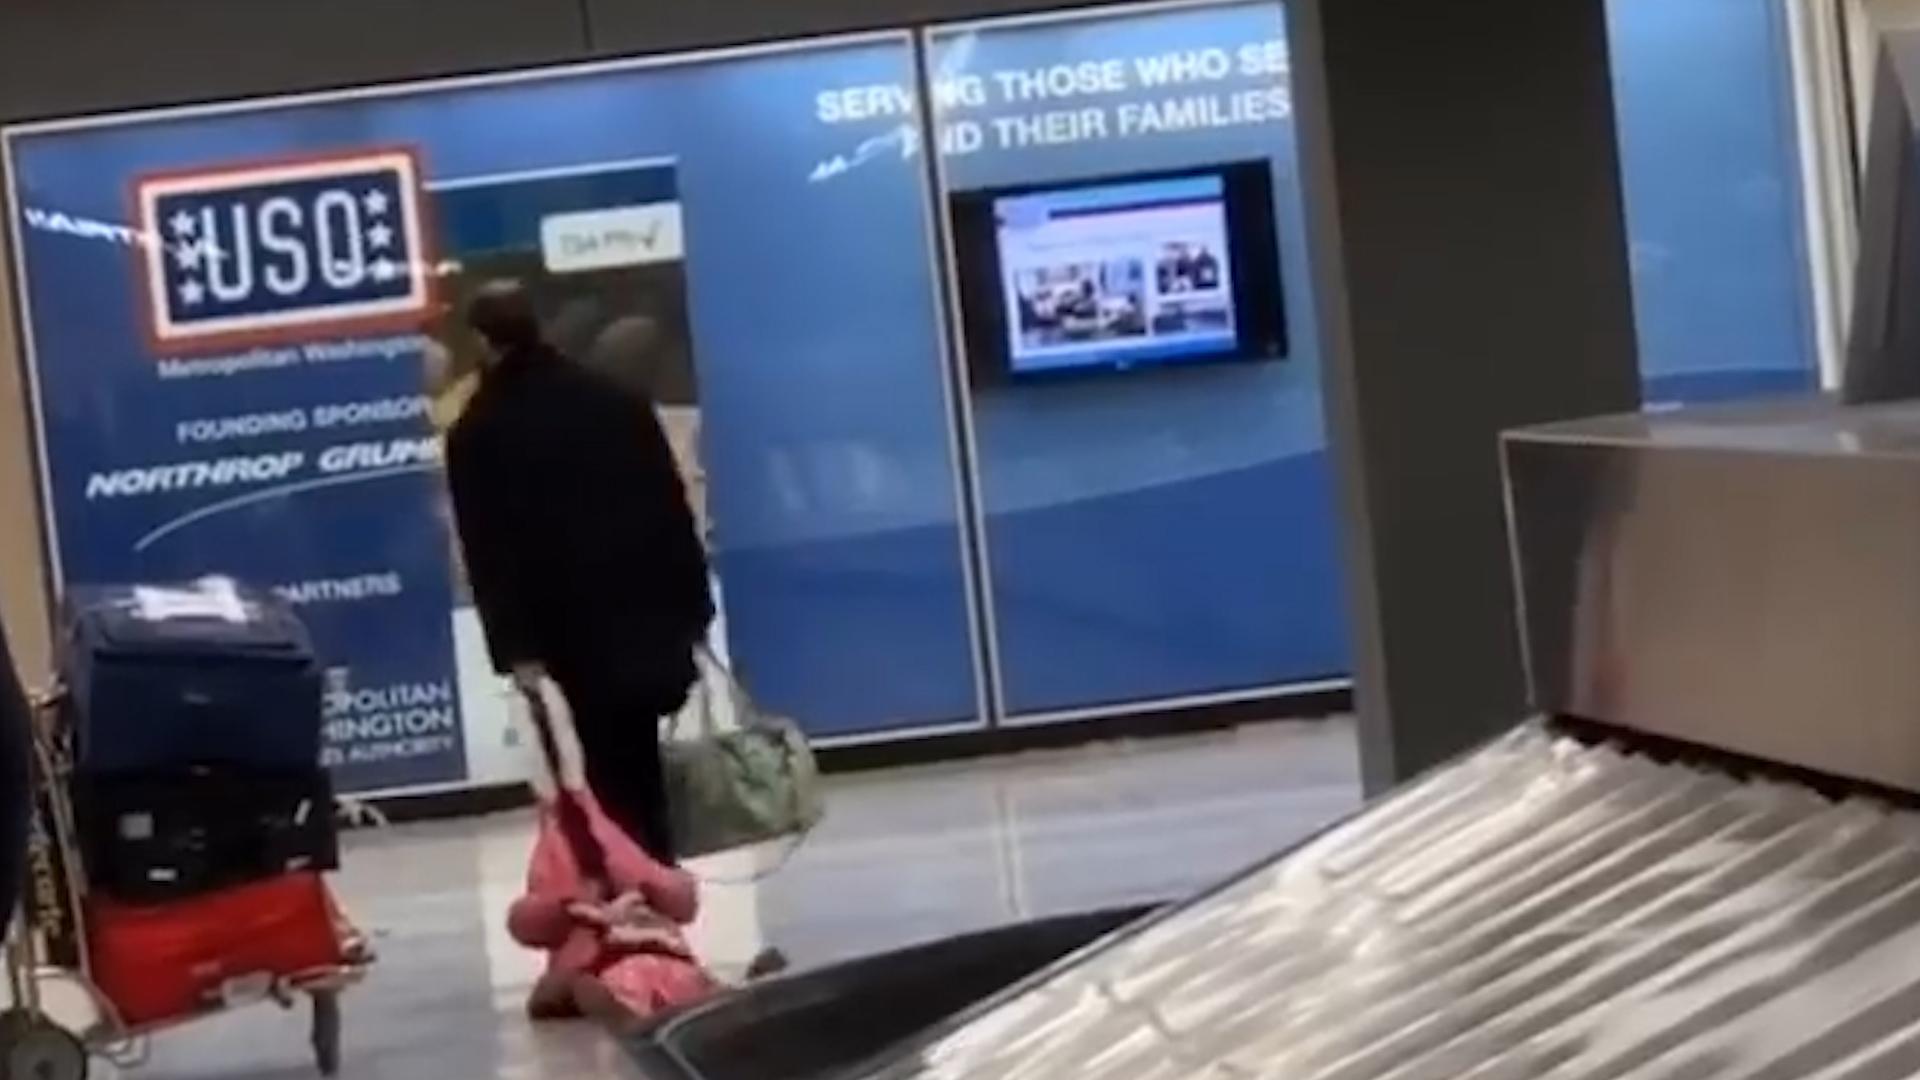 El hombre jaló a su hija por la gorra de chamarra sin que pusiera resistencia (Captura de pantalla)